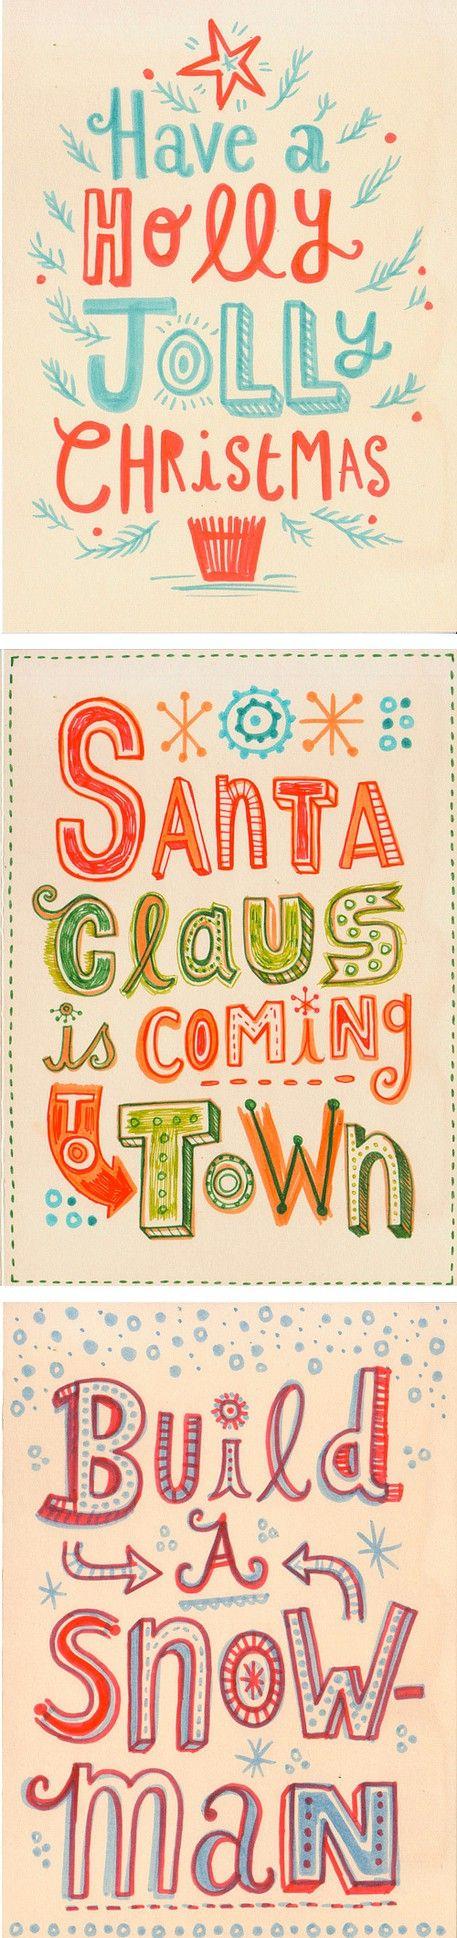 Christmas Prints